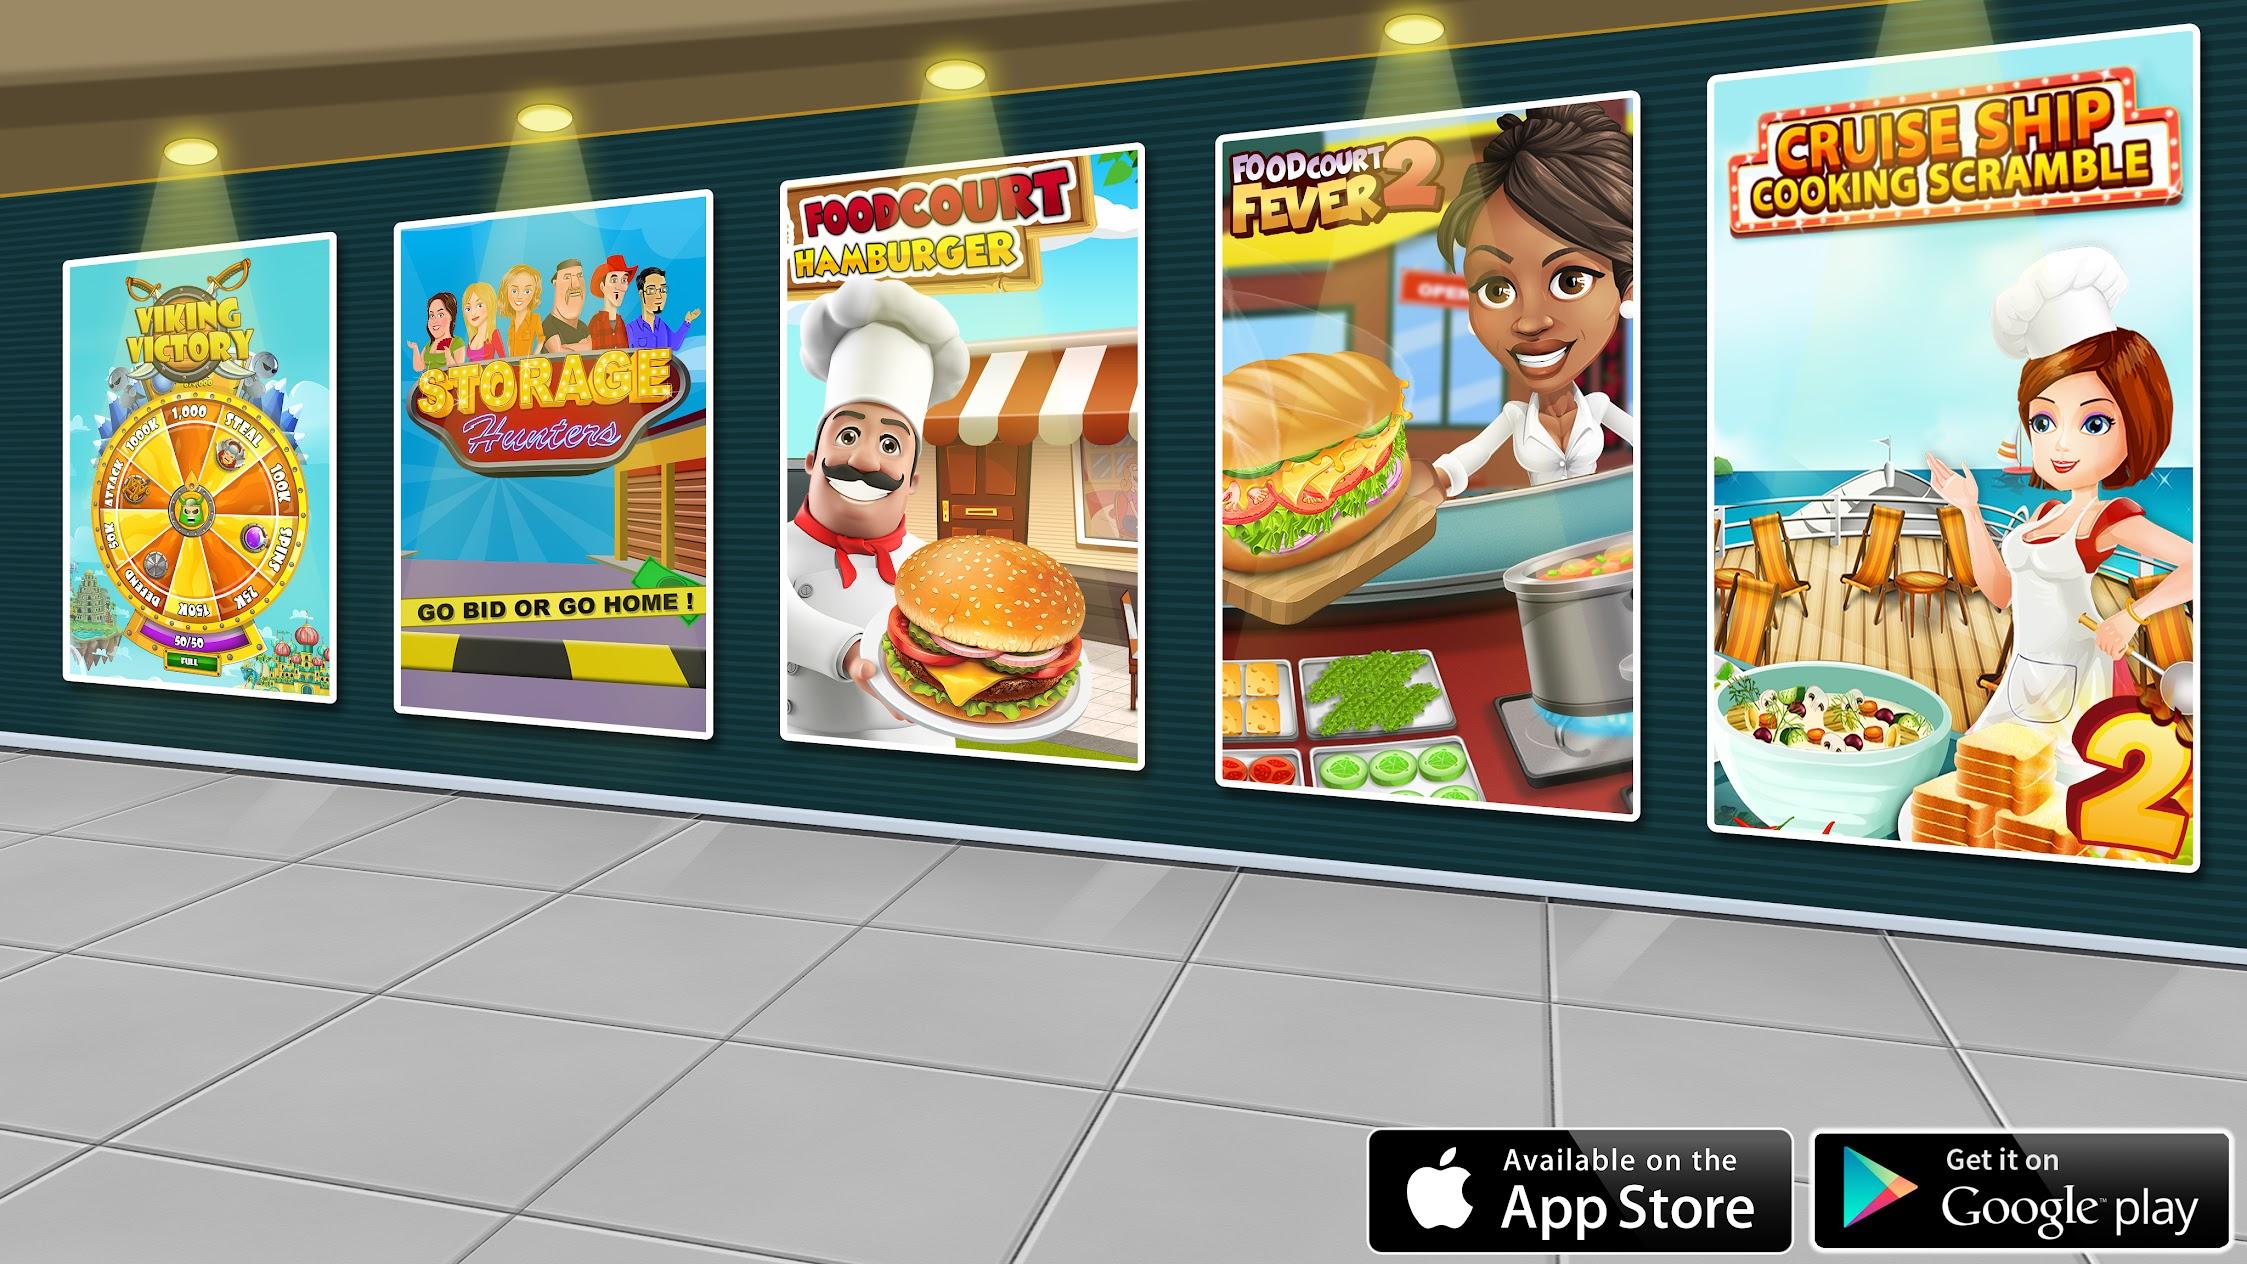 FME Fun Free Games Inc.